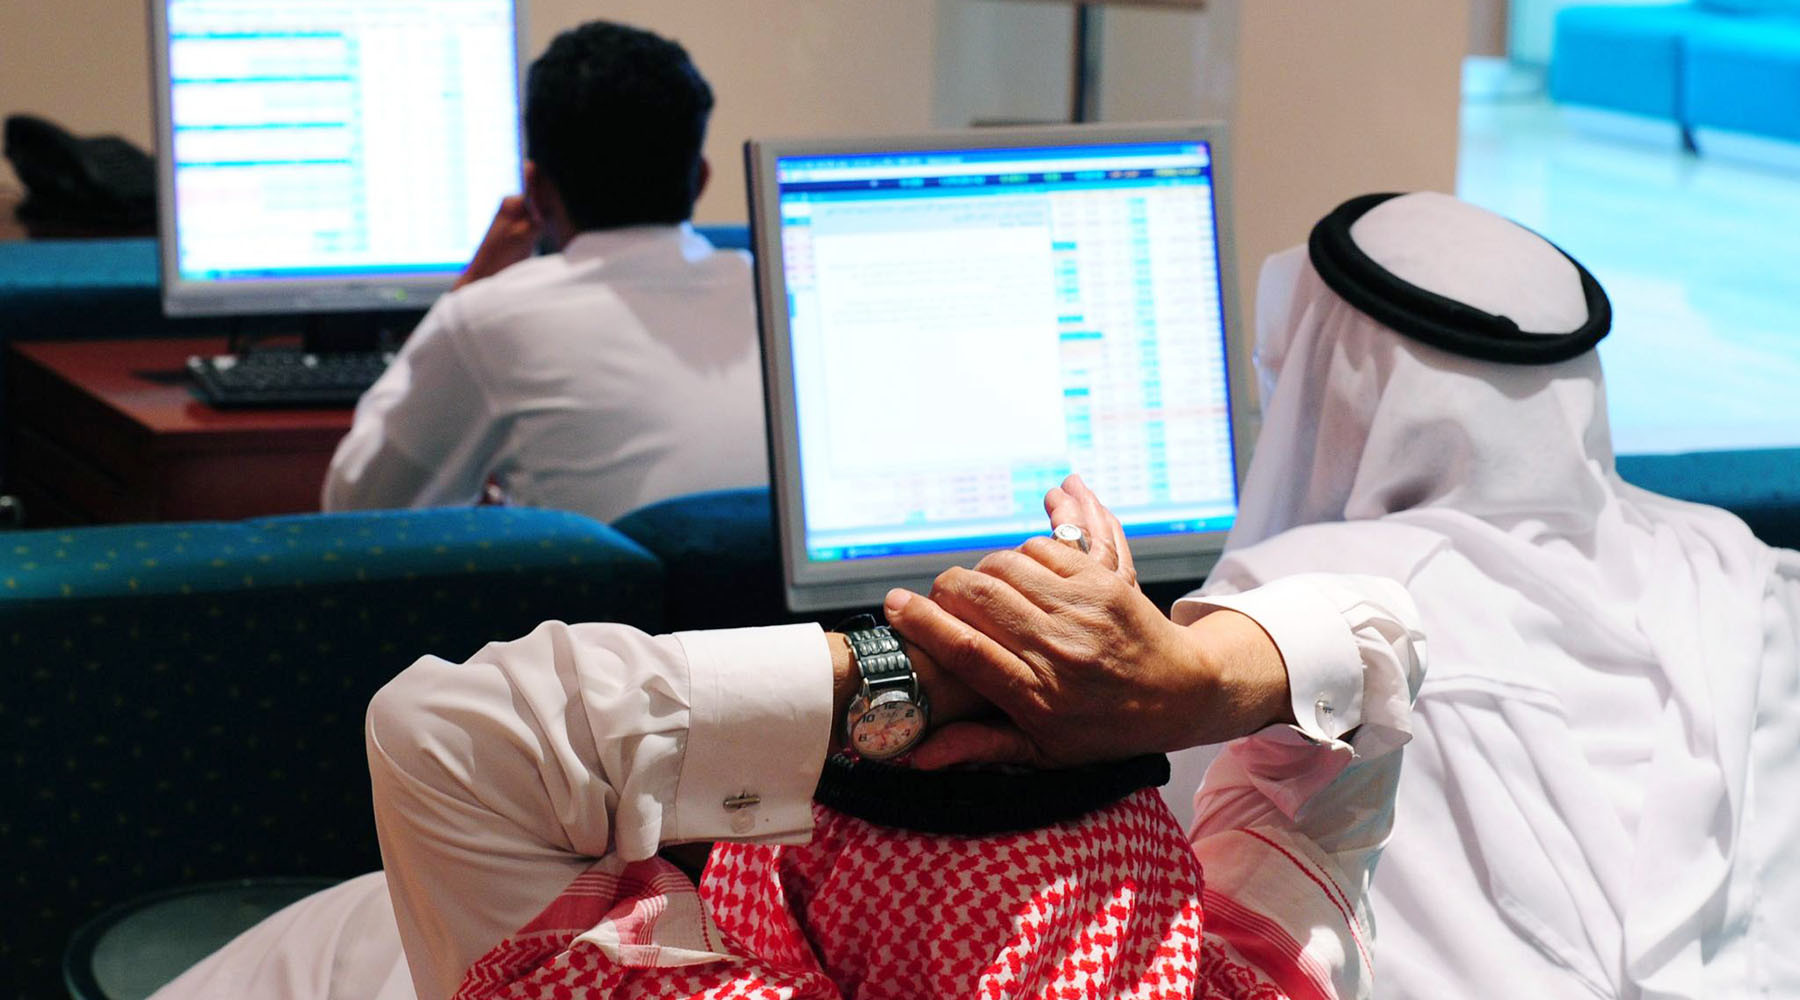 Меньше нефти, больше пляжей: сможет ли Саудовская Аравия развивать светский туризм